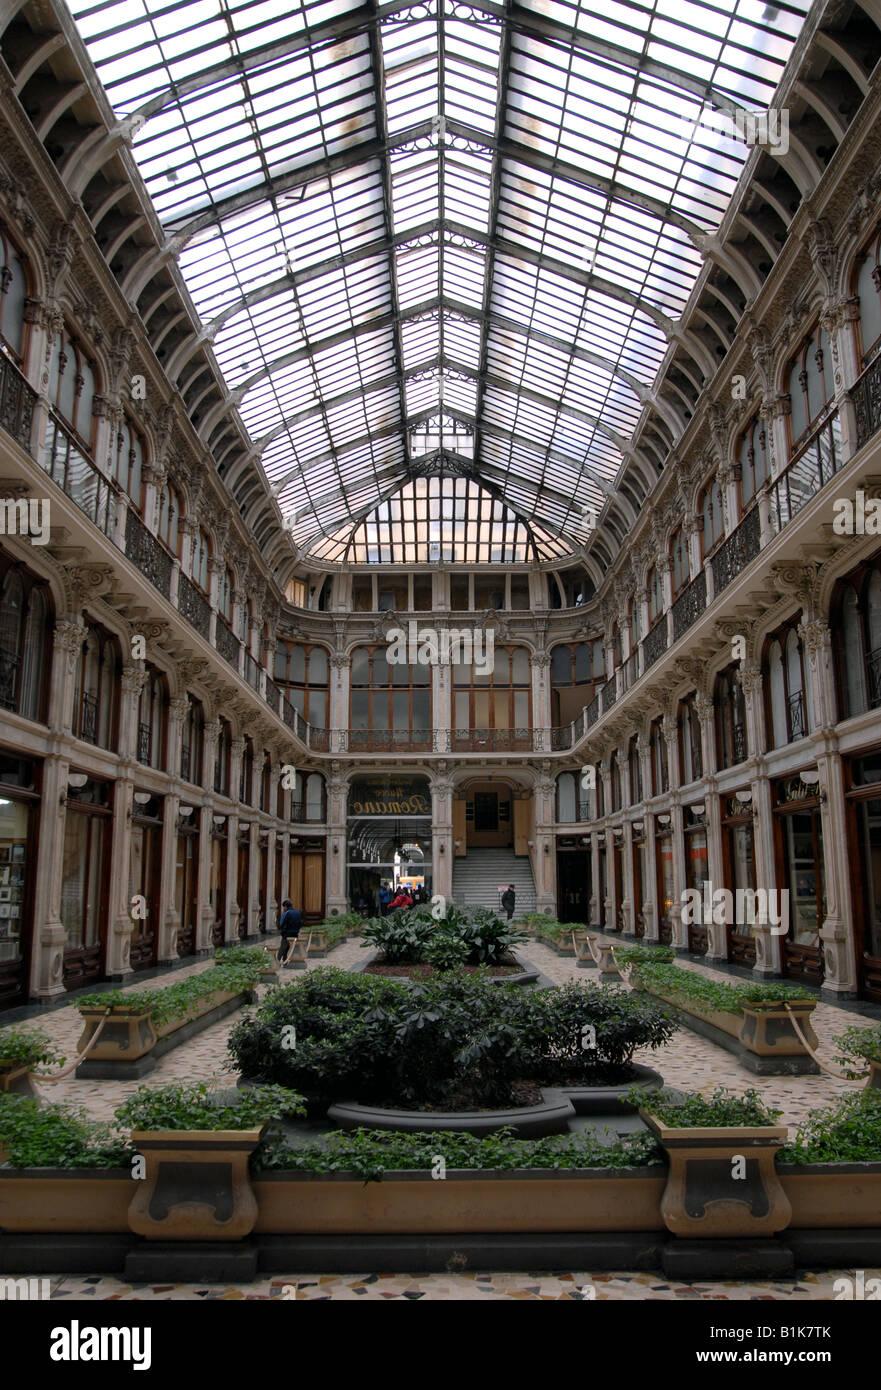 The Galleria Subalpina, Turin, Piedmont, Italy. - Stock Image